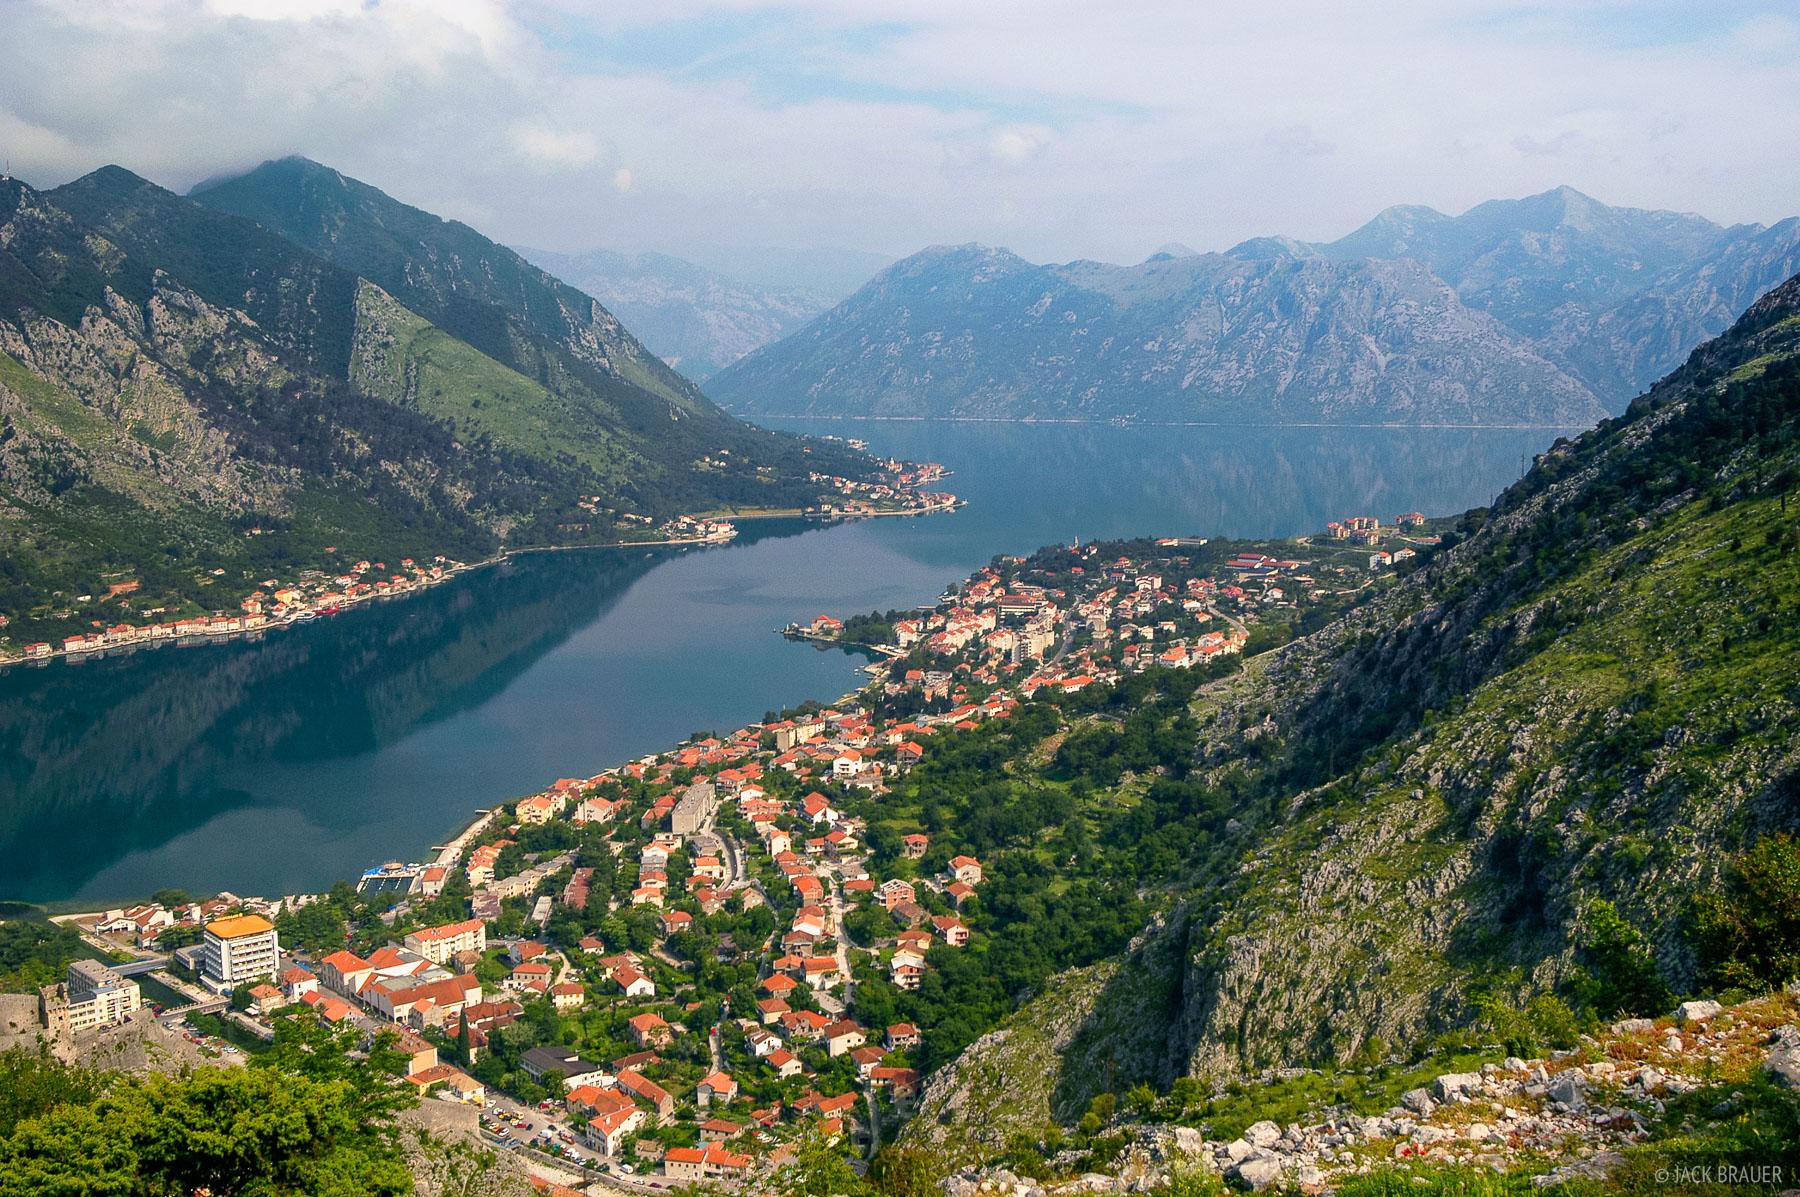 Boka Kotorska, Kotor, Adriatic Sea, Montenegro, photo